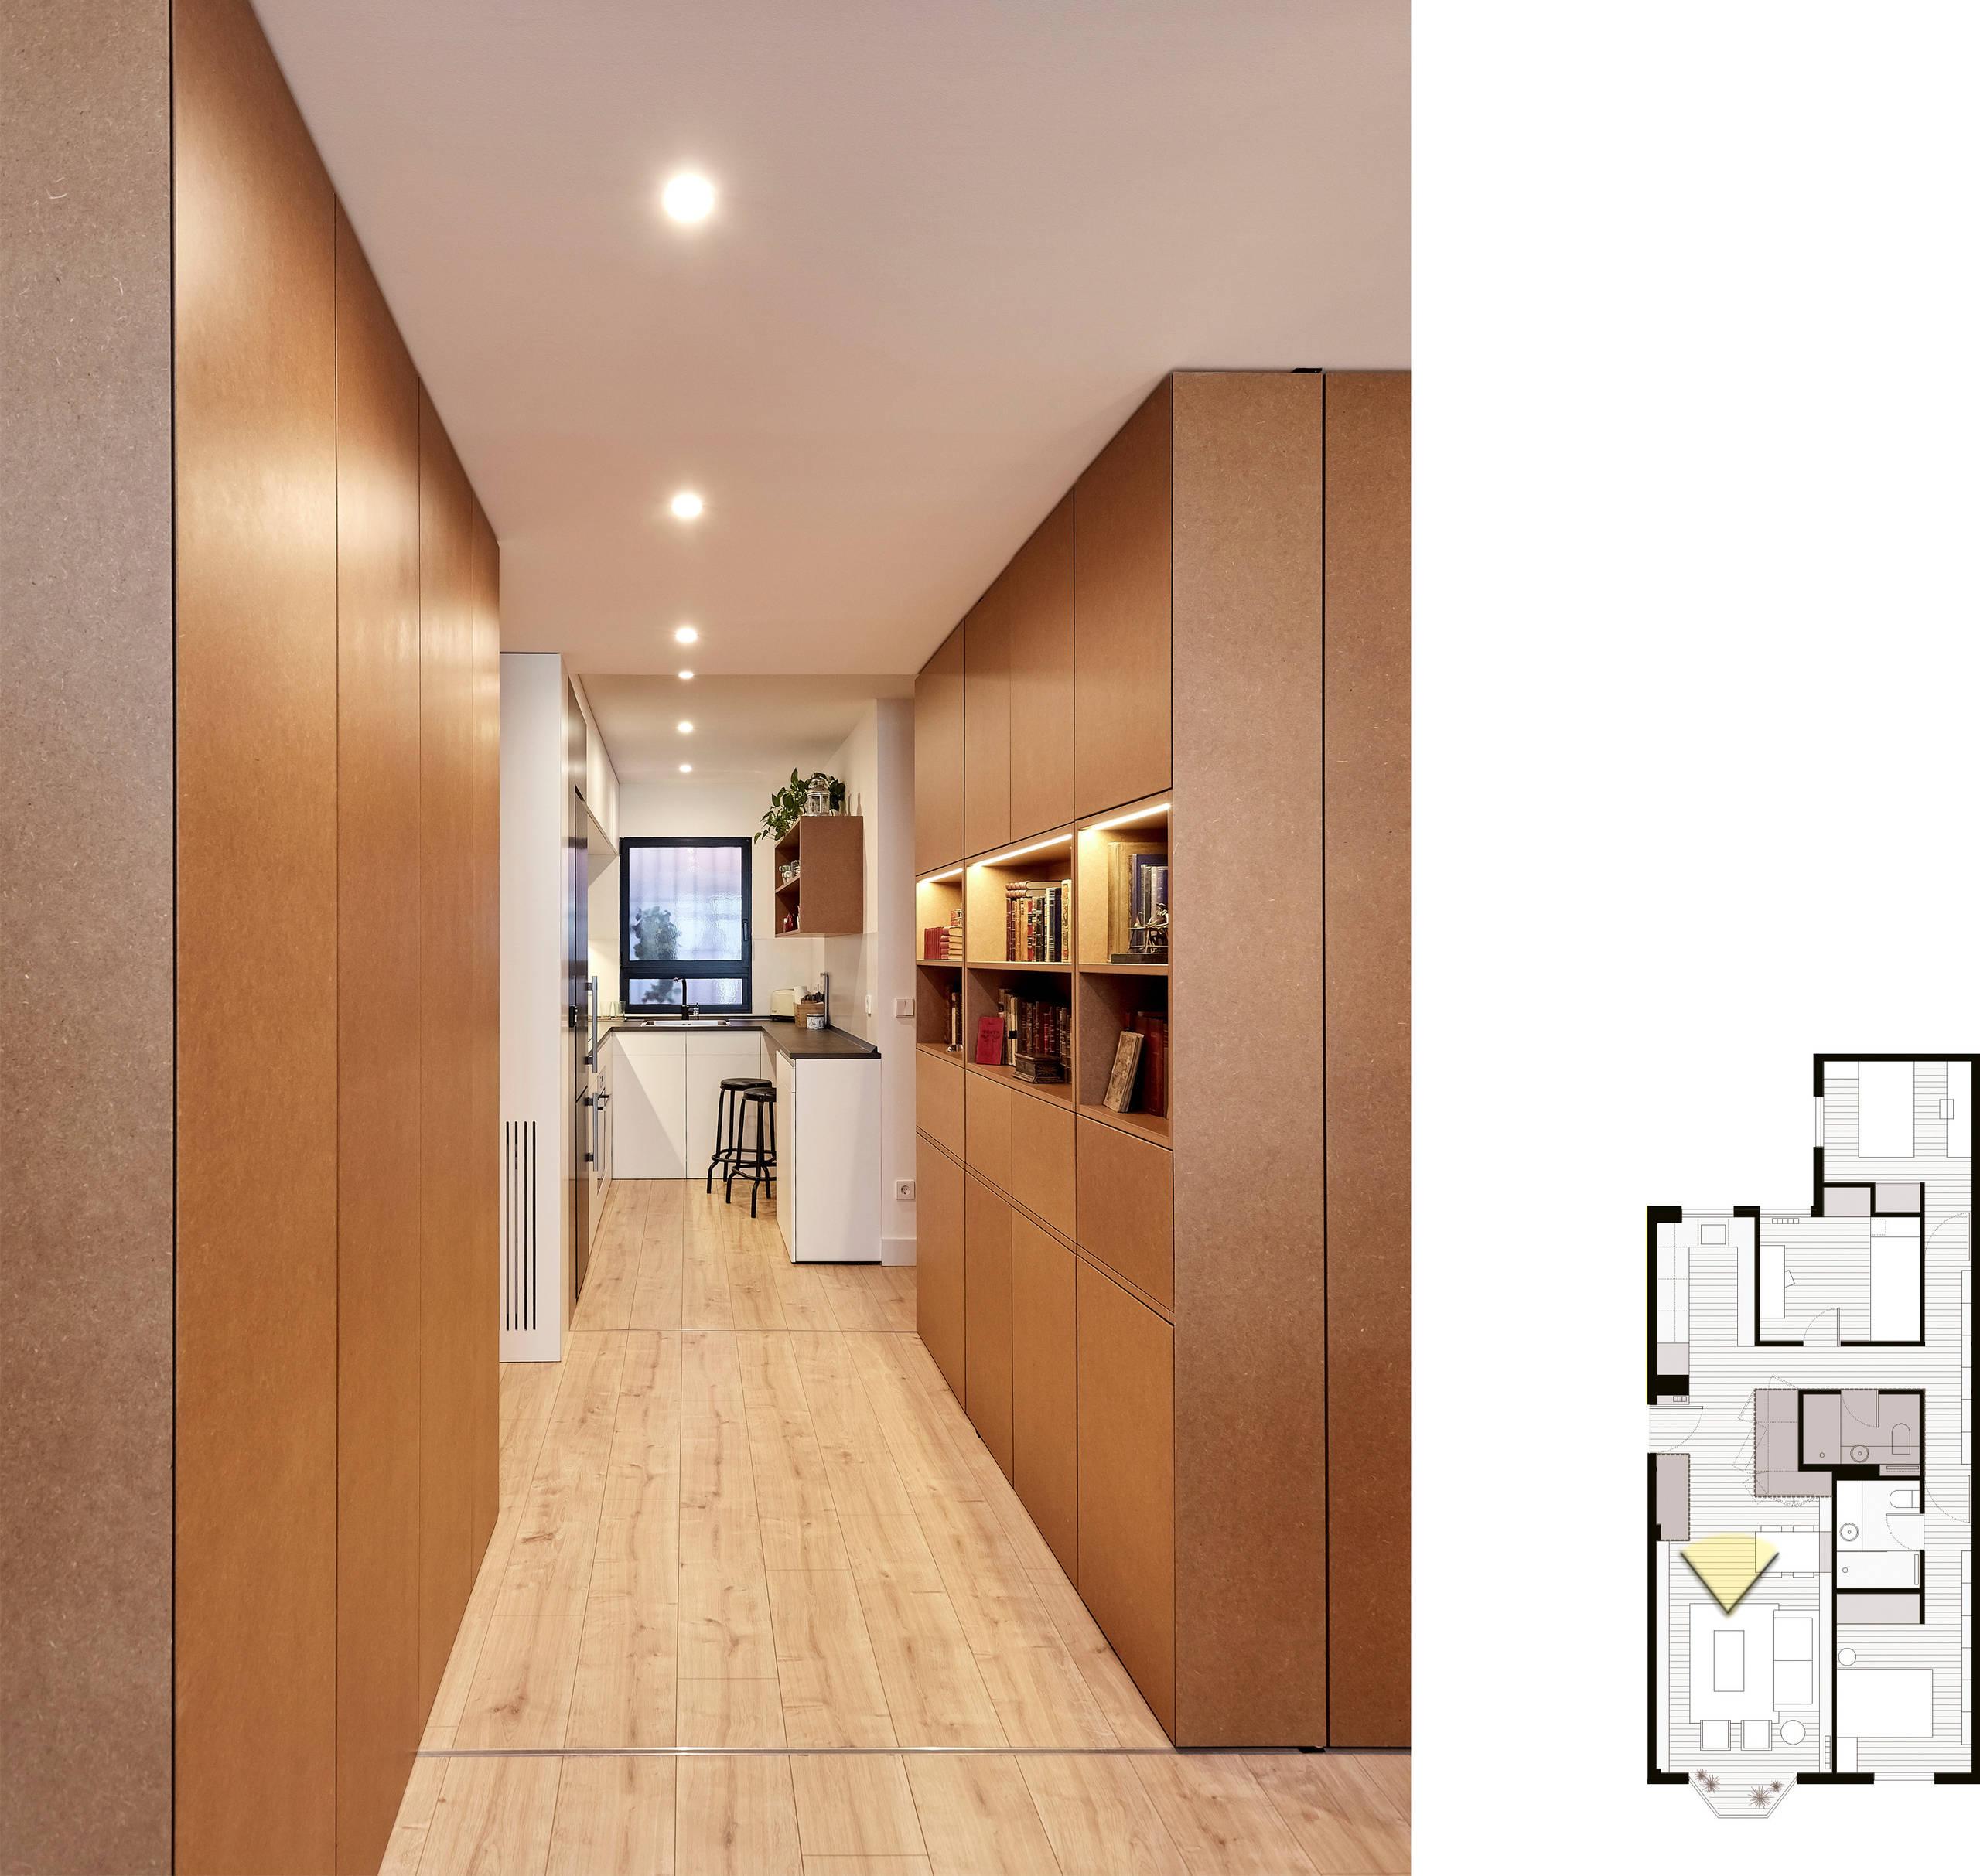 Detalle del mueble del hall y cocina al fondo.